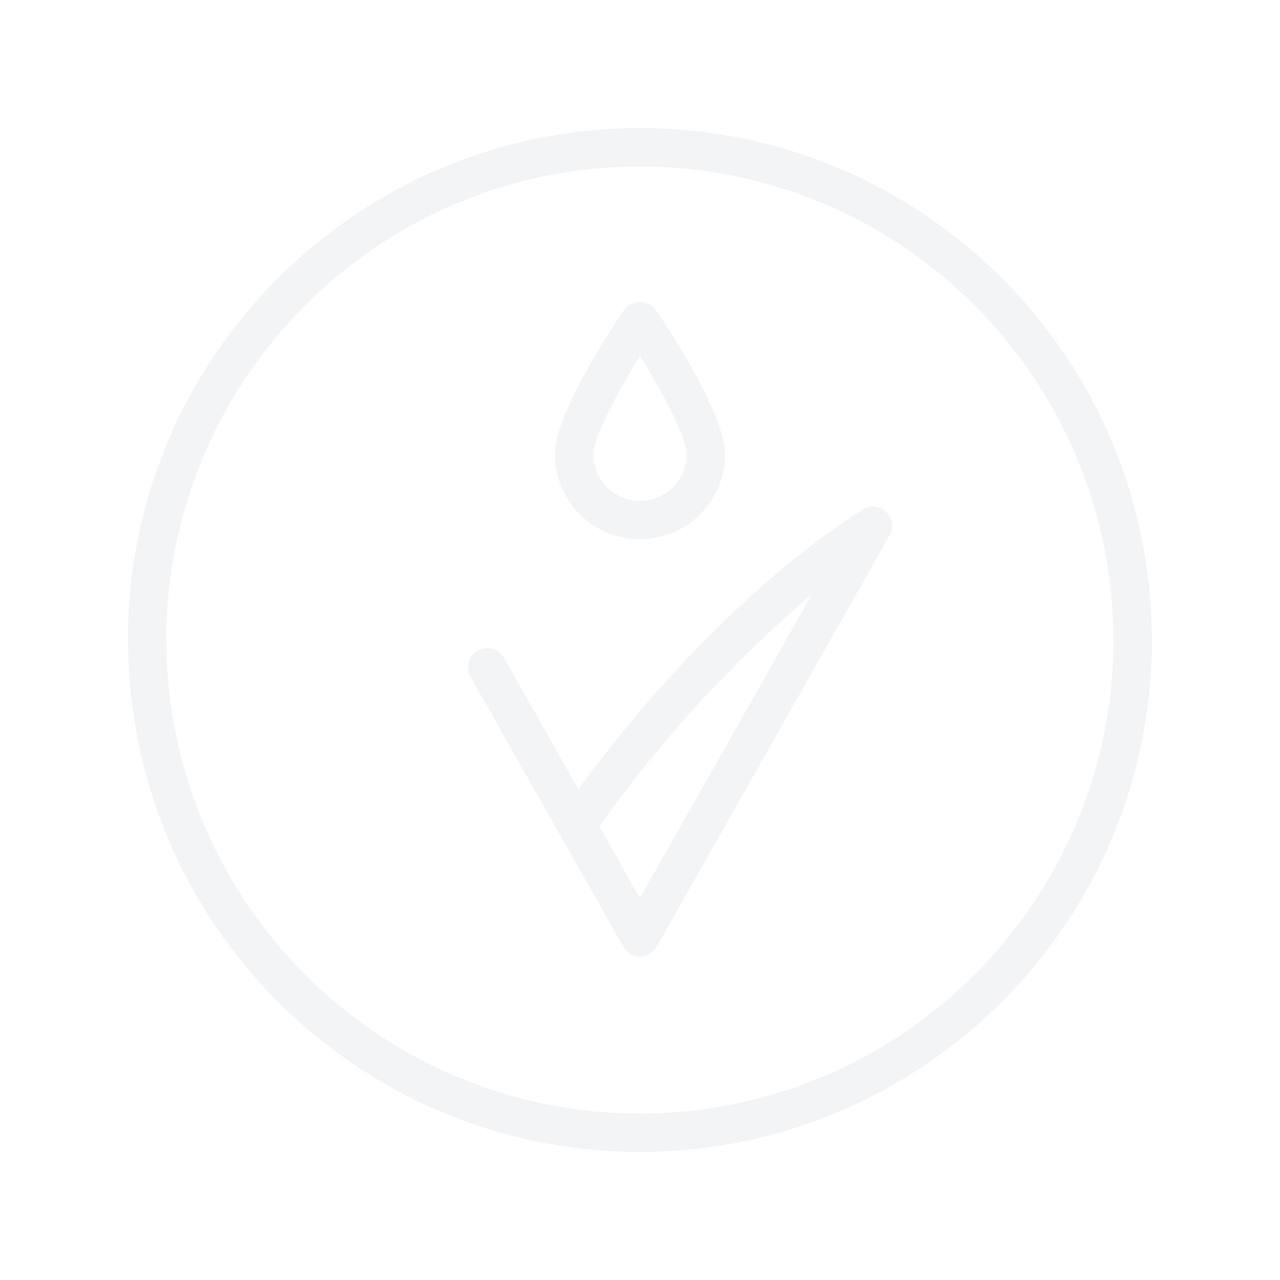 Everyday Minerals матовые базовые пудры  4.8g